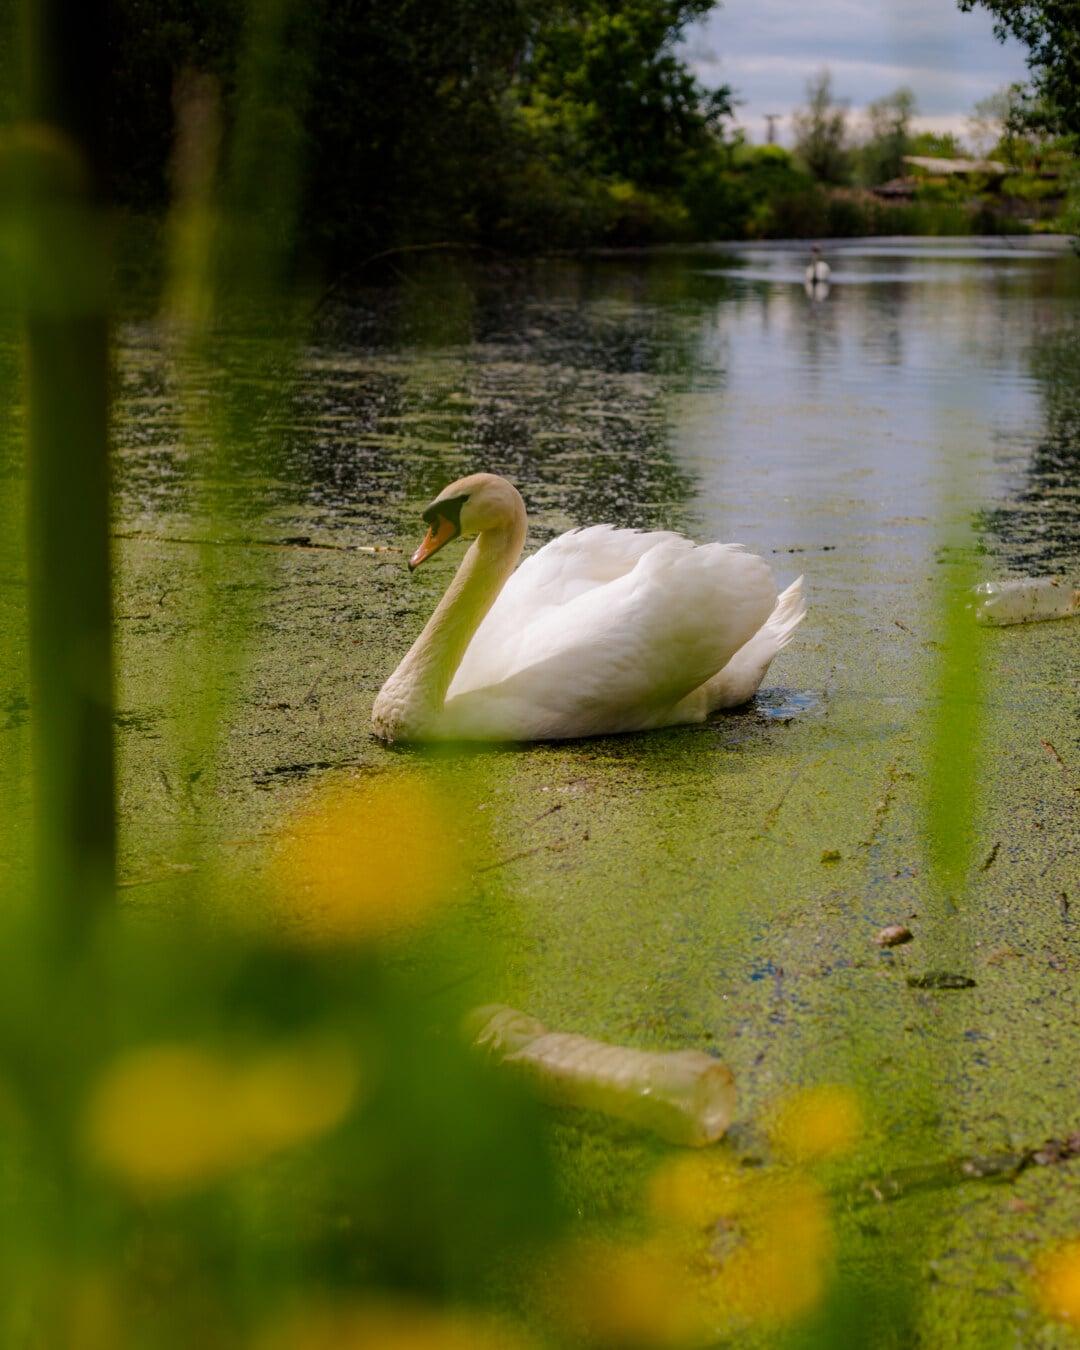 Sumpf, Marschland, Wasserpflanze, aquatische Vogel, aquatische, Ökosystem, Ökologie, Schwan, See, Natur